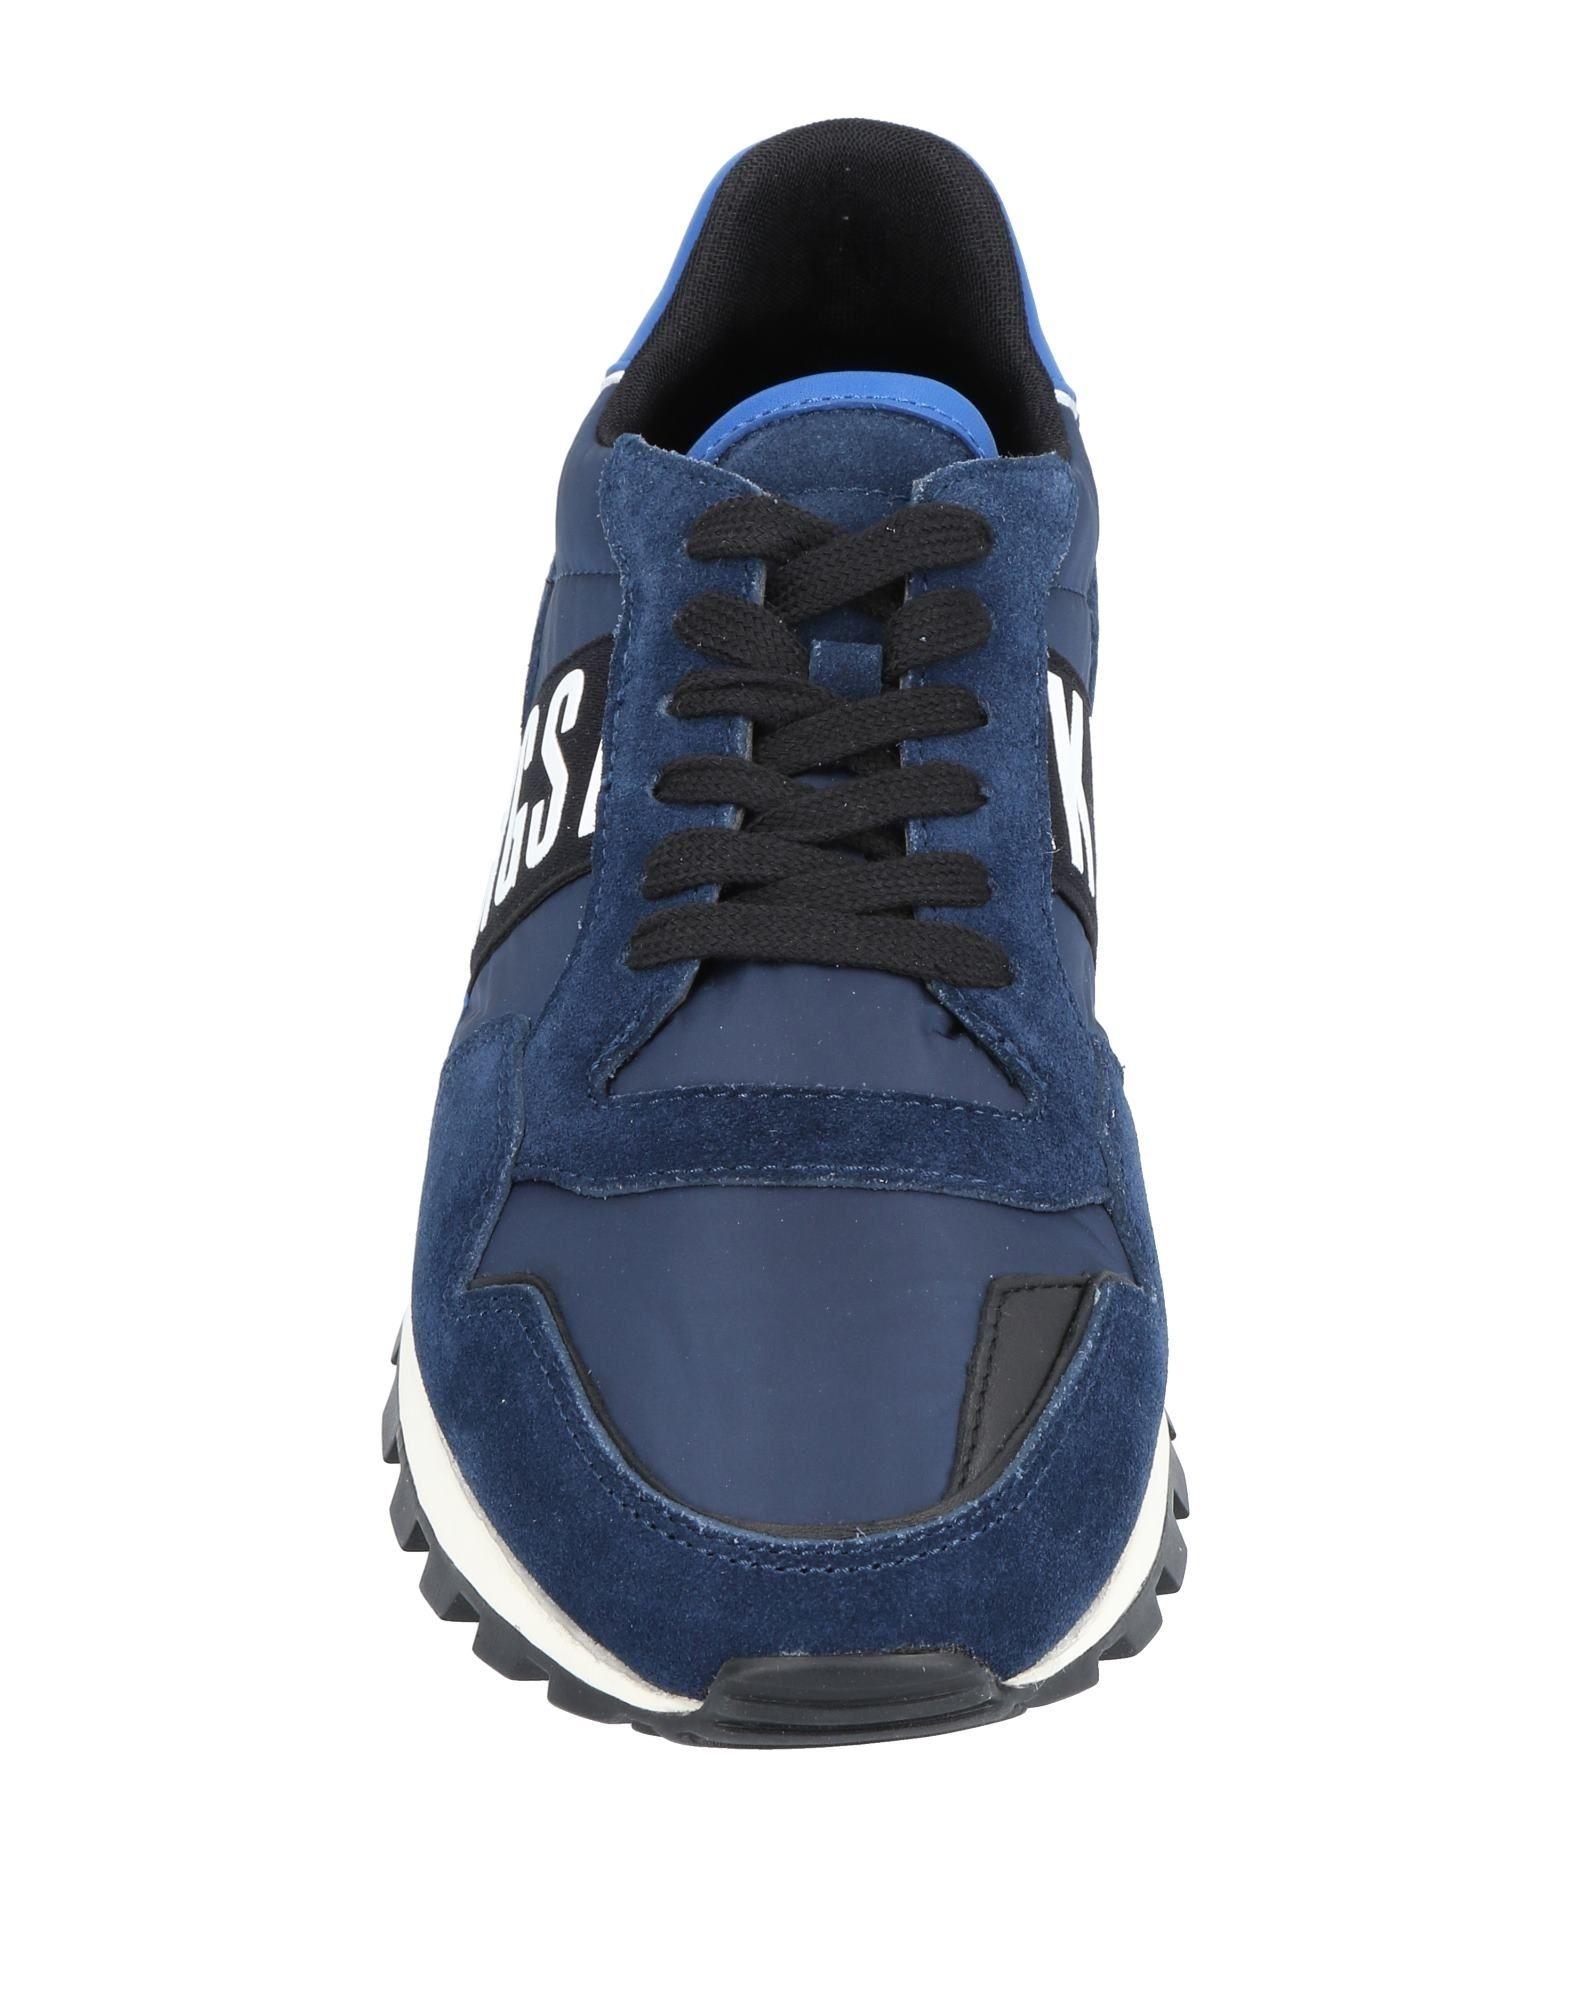 Bikkembergs Sneakers Herren  11449910JD Gute Qualität beliebte Schuhe